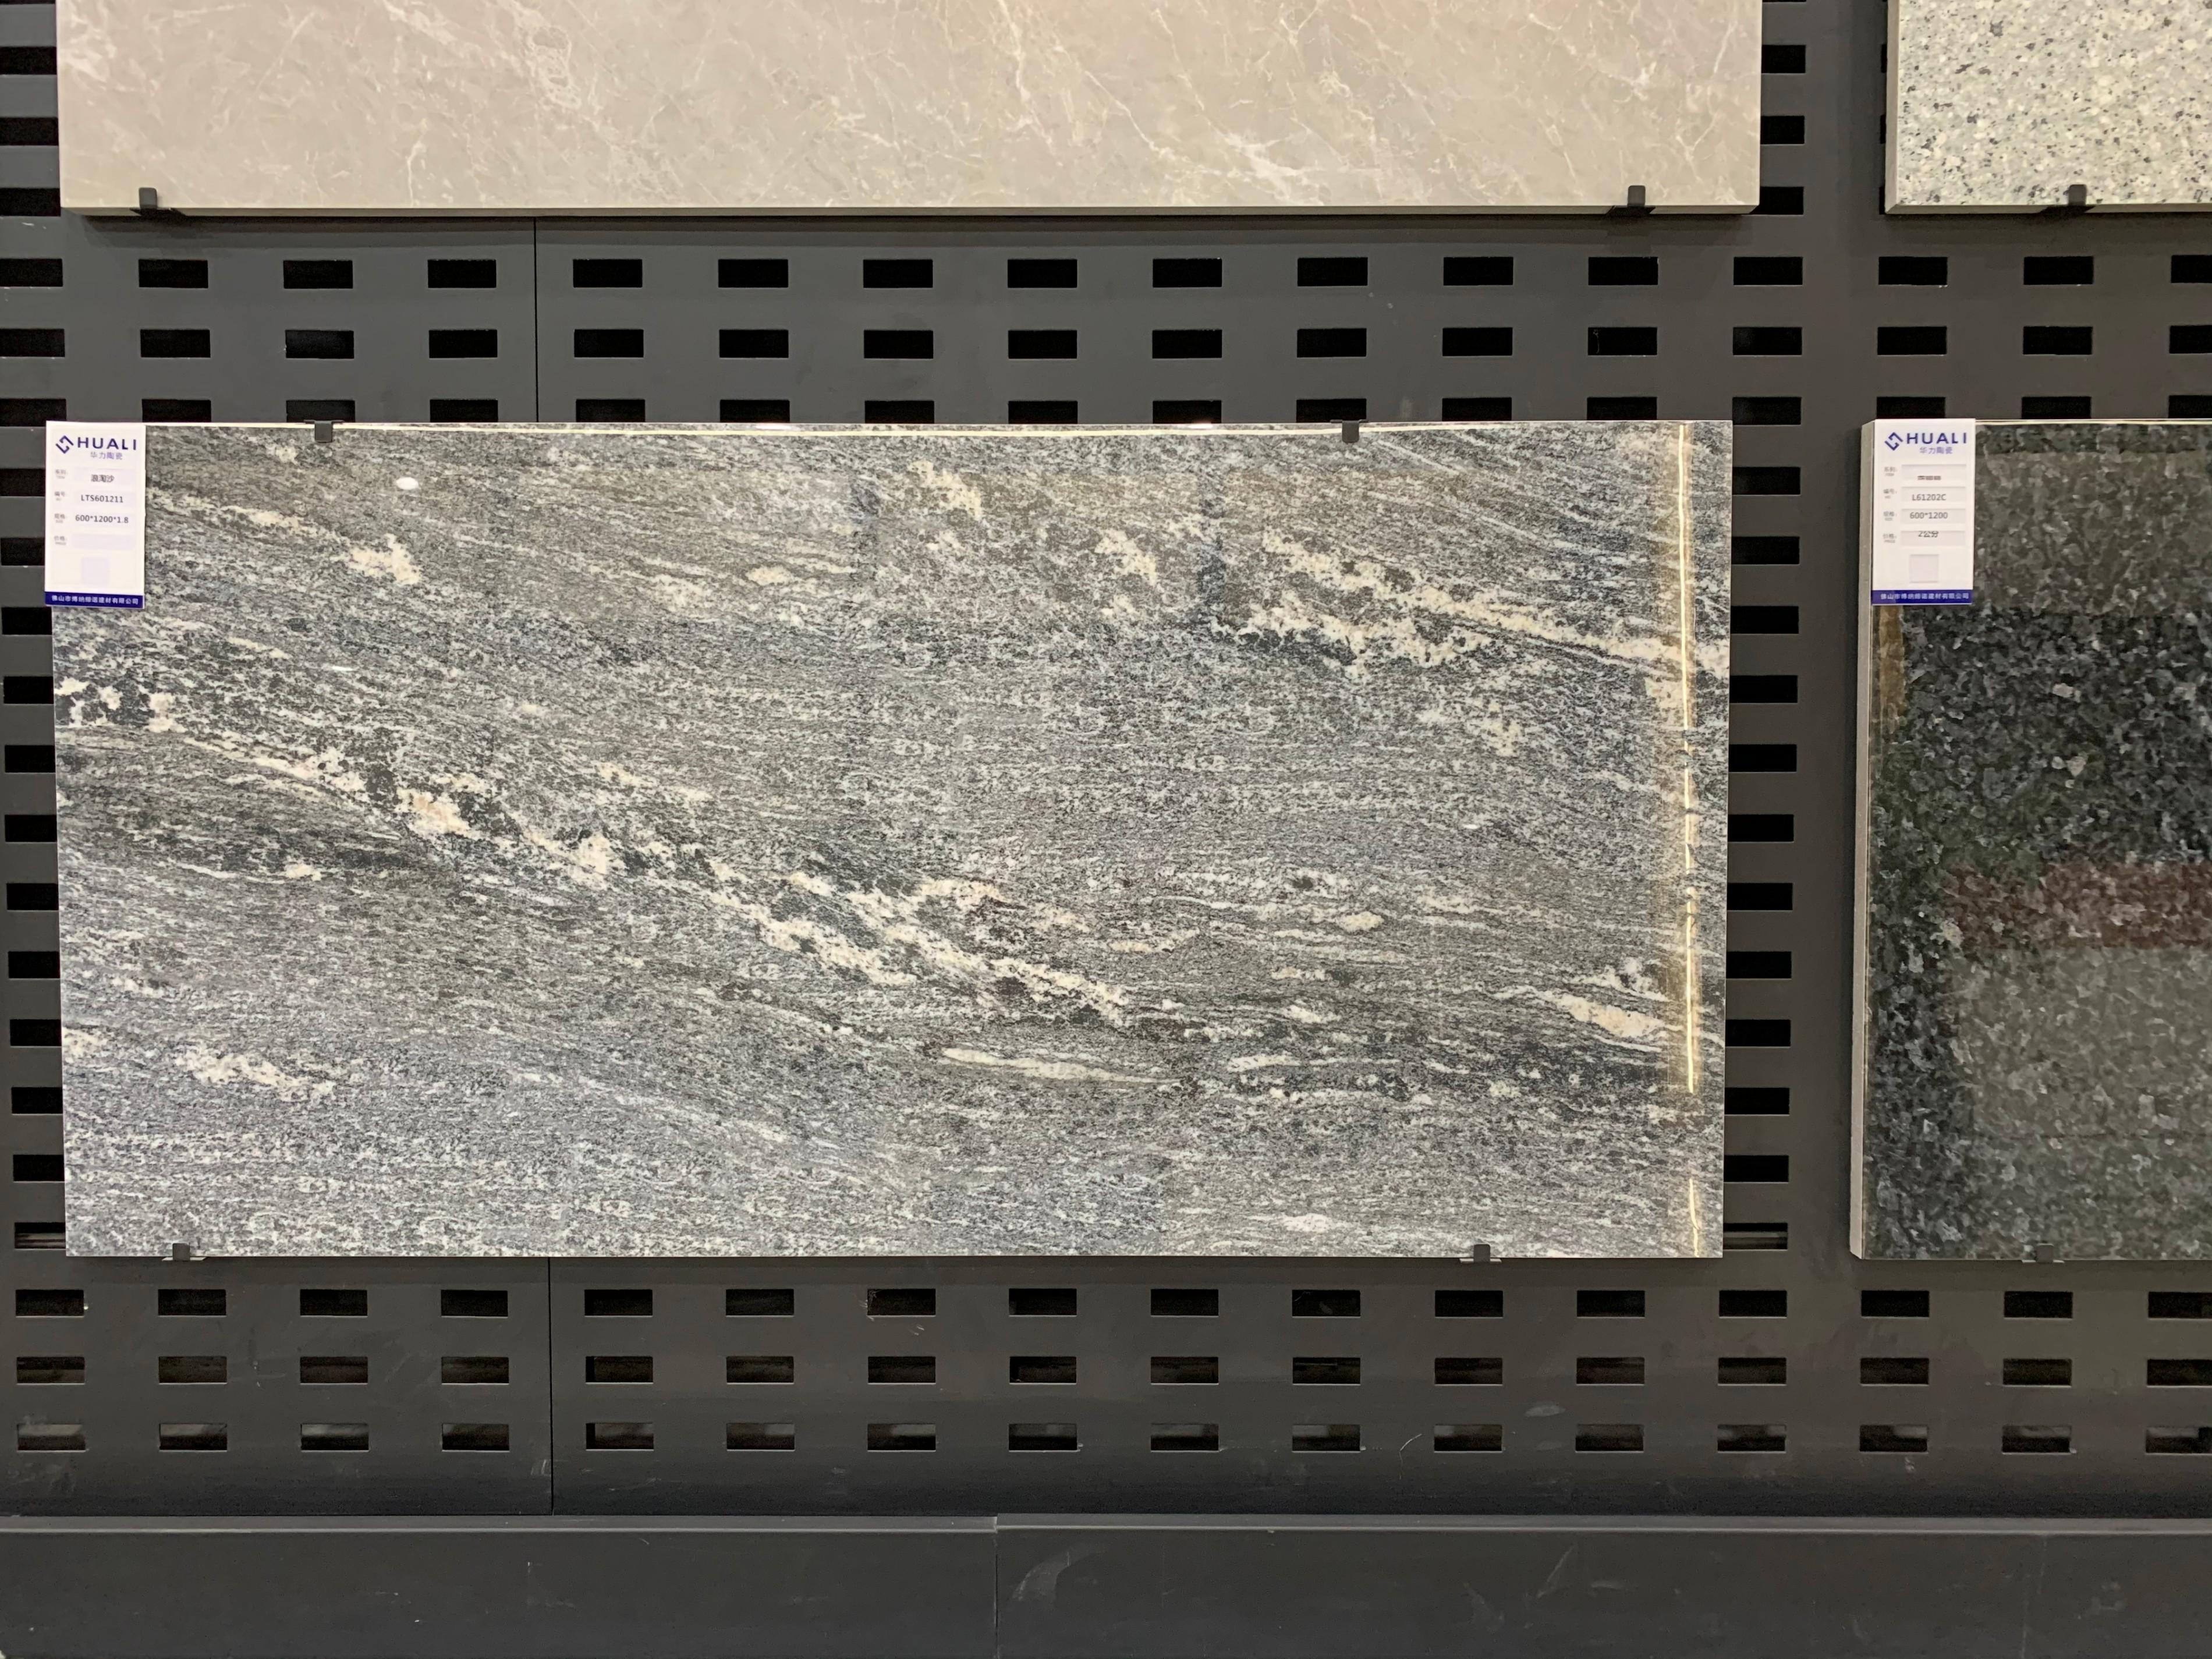 仿浪淘沙光面石英砖